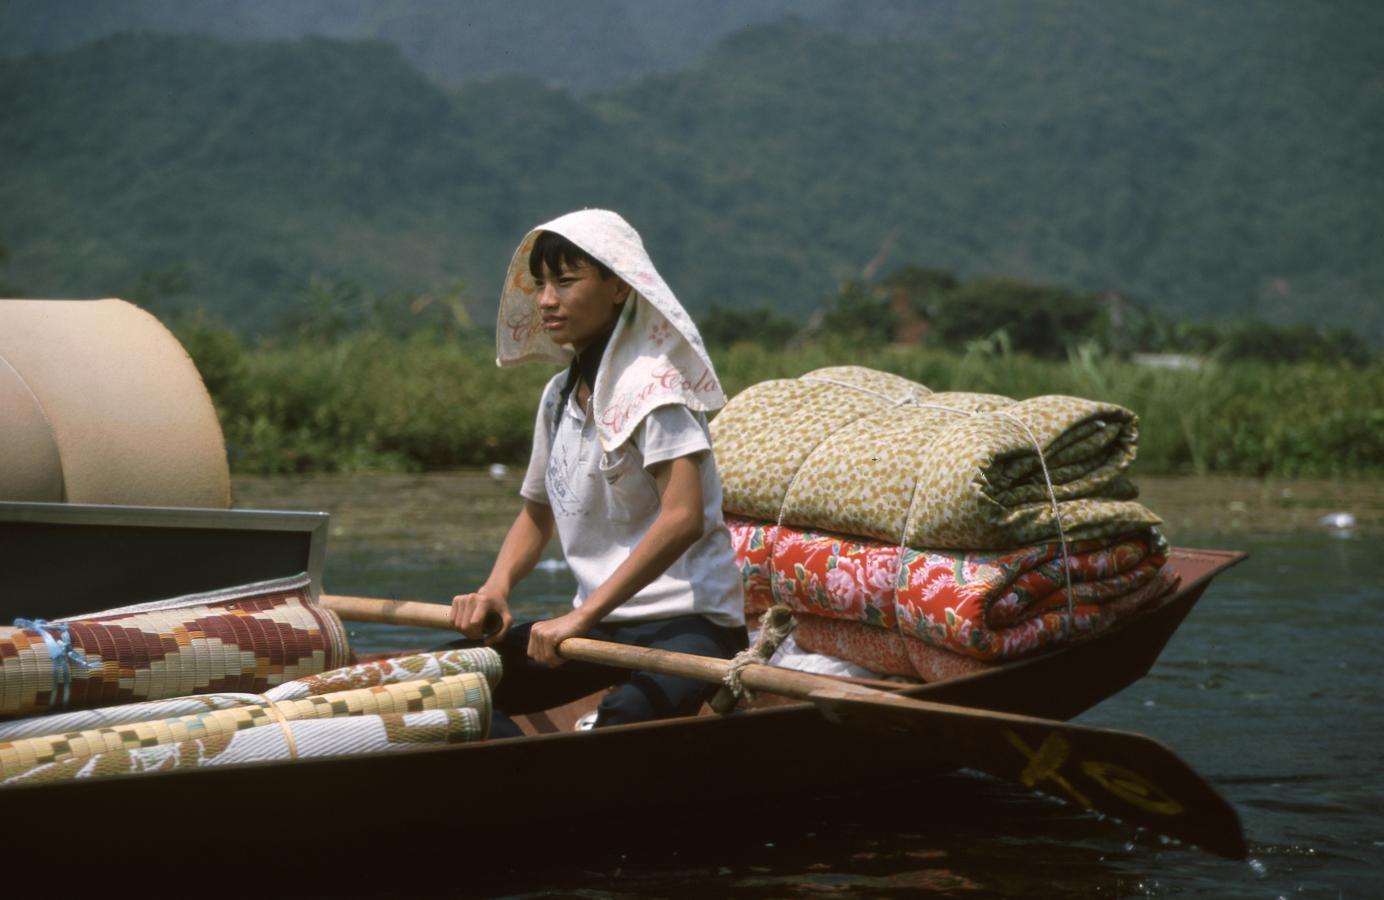 girl-in-a-boat-son-river